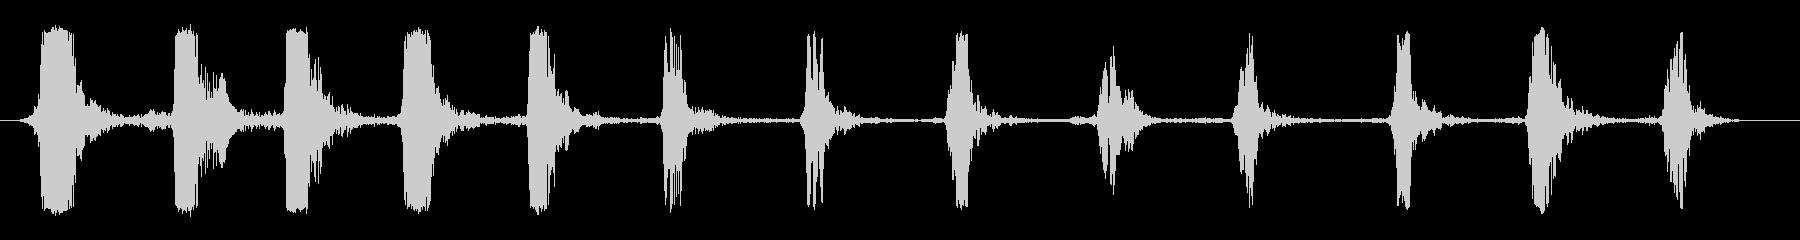 くるくる回るコードの回転の未再生の波形